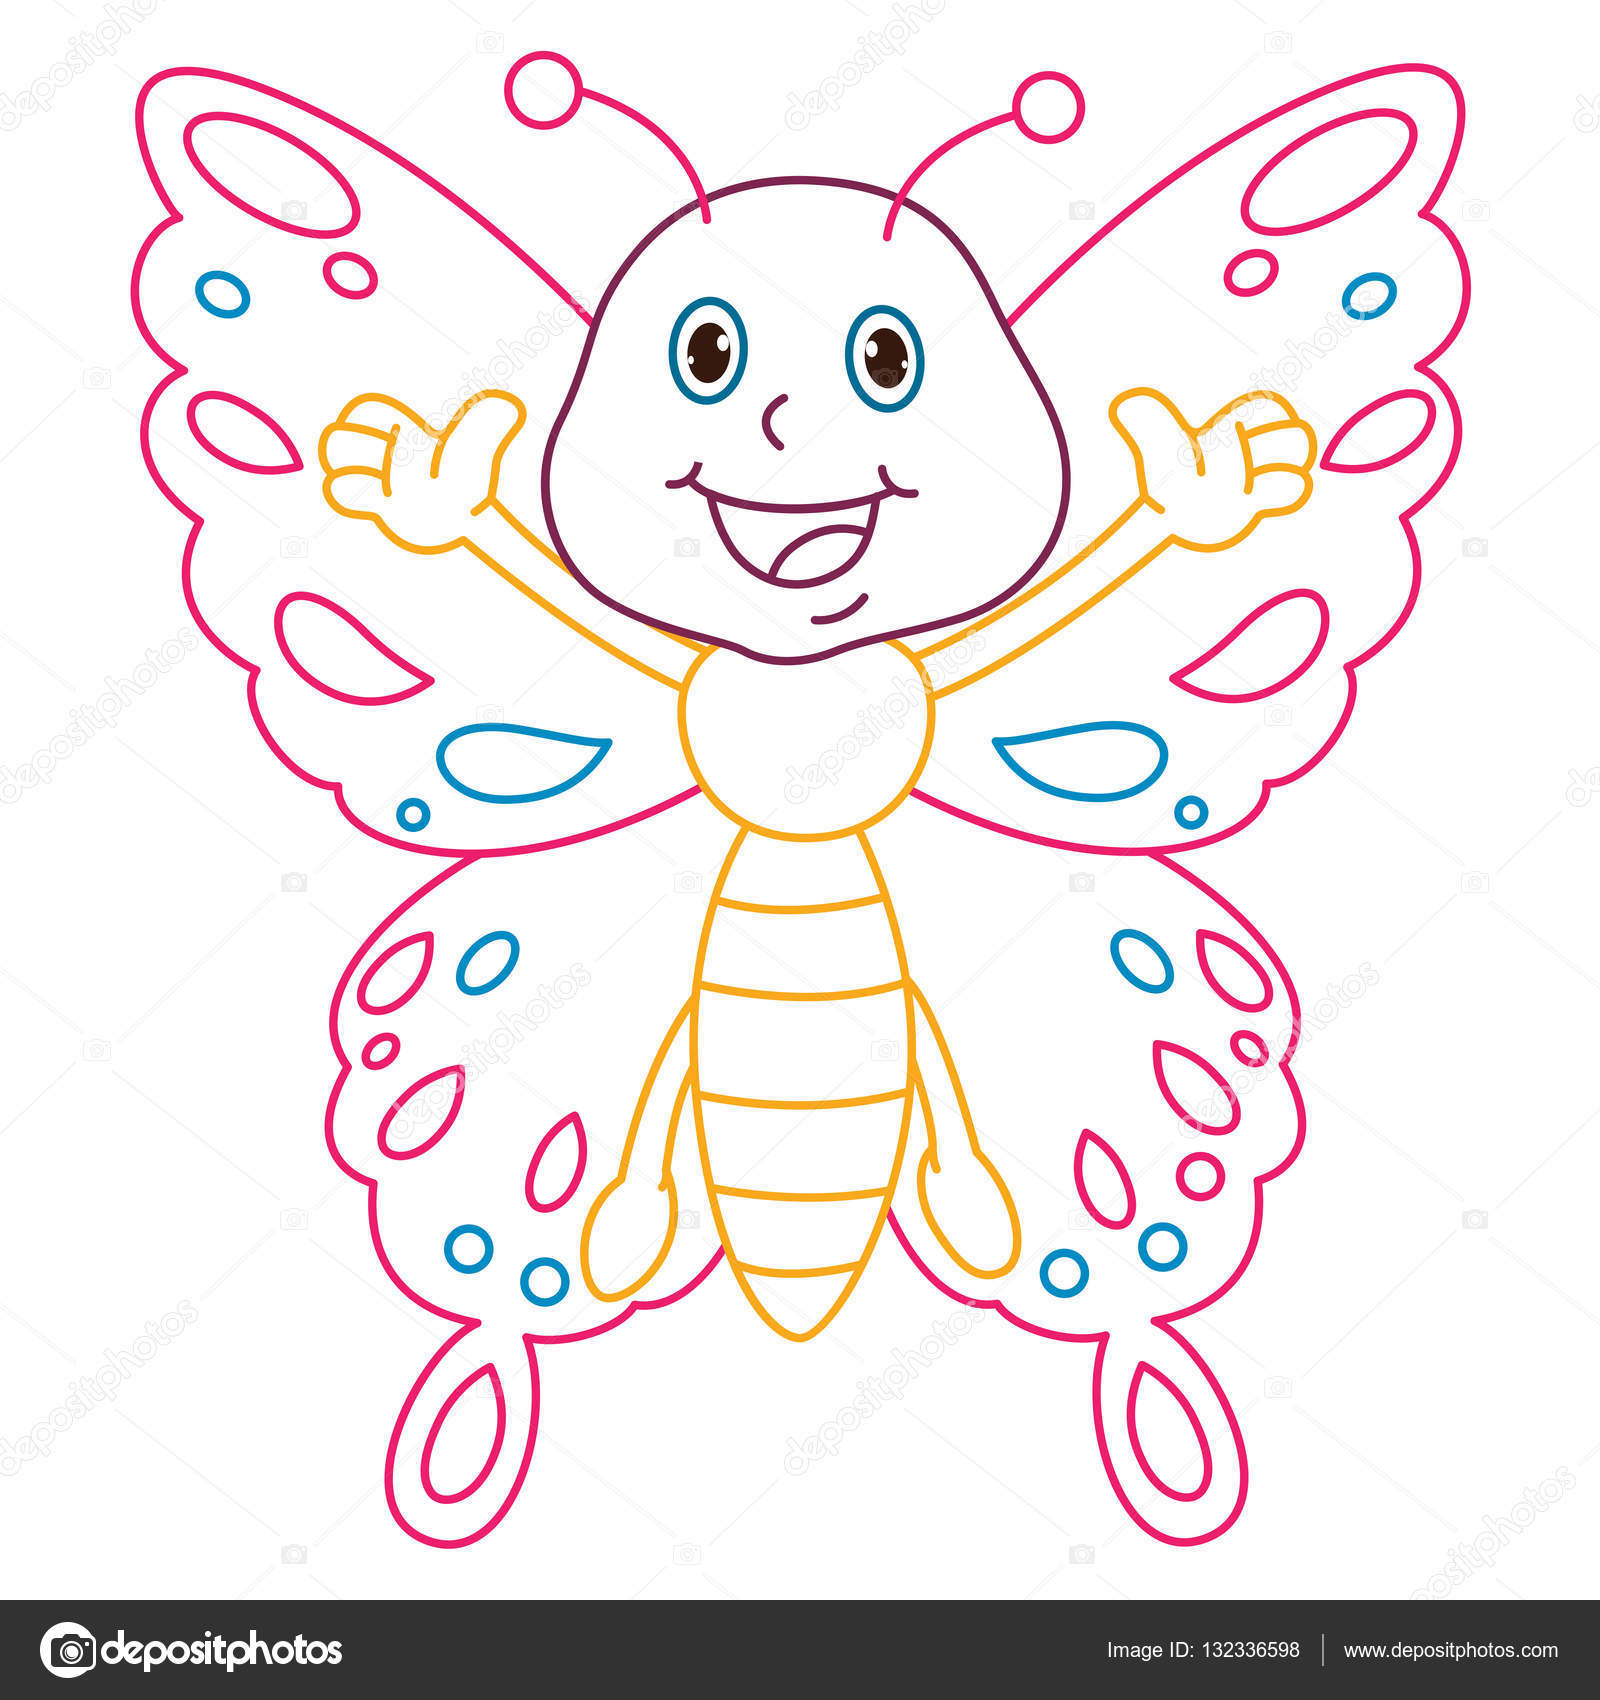 Disegni Da Colorare Pagina Illustrazione Della Farfalla Del Fumetto